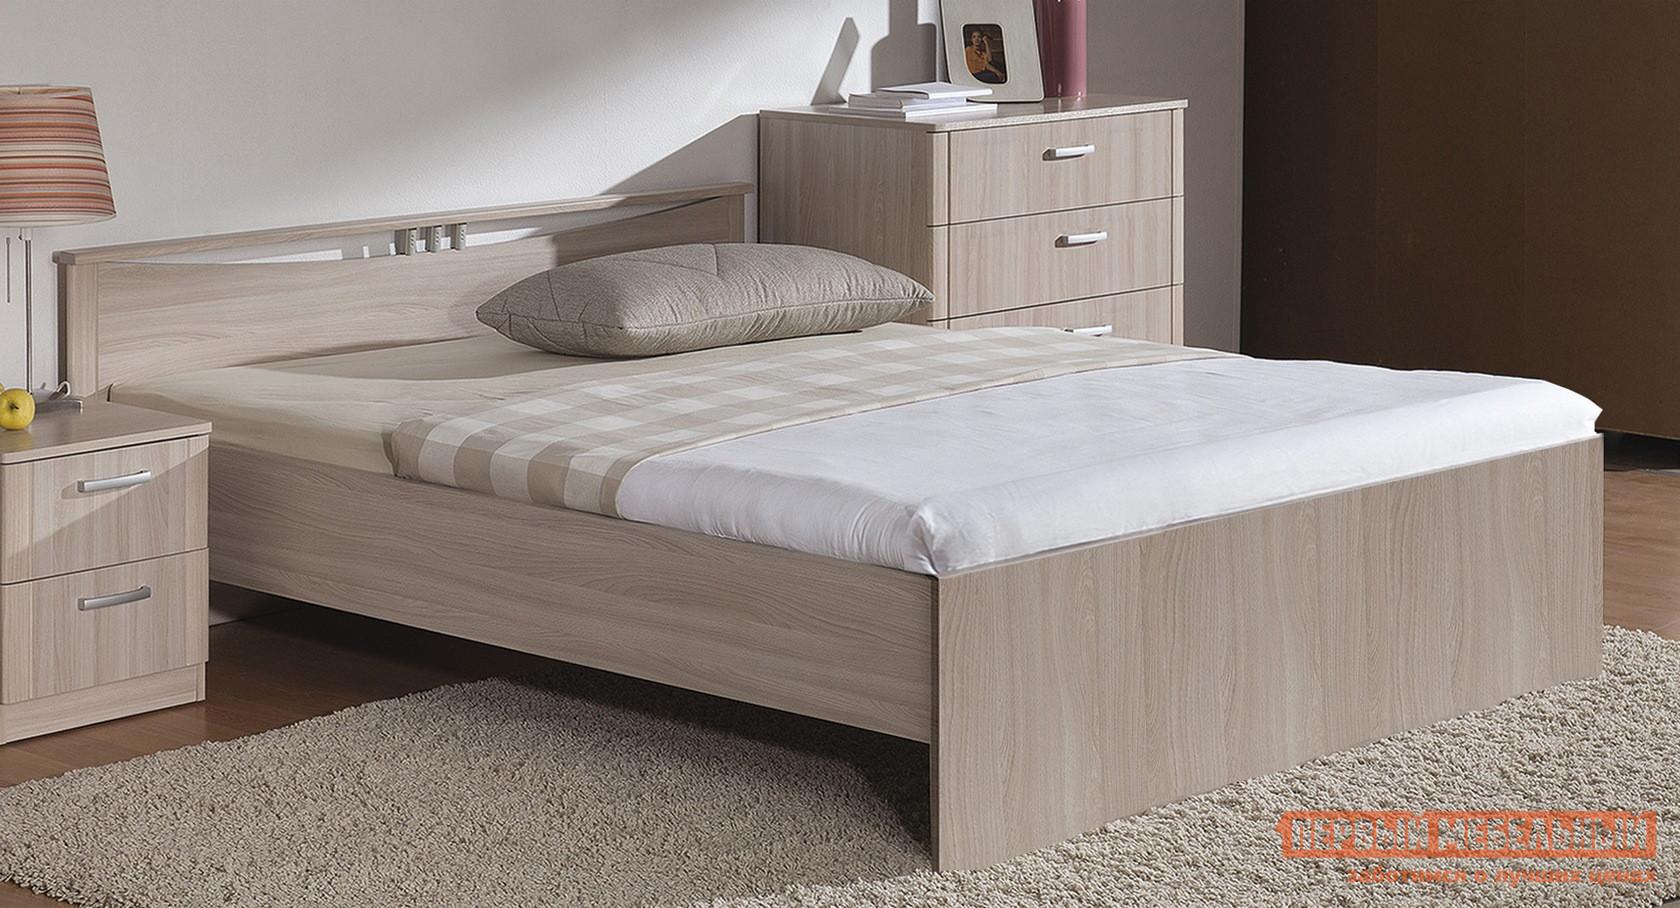 Кровать двуспальная из массива дерева Боровичи Мелисса кровать из массива дерева livable small towns